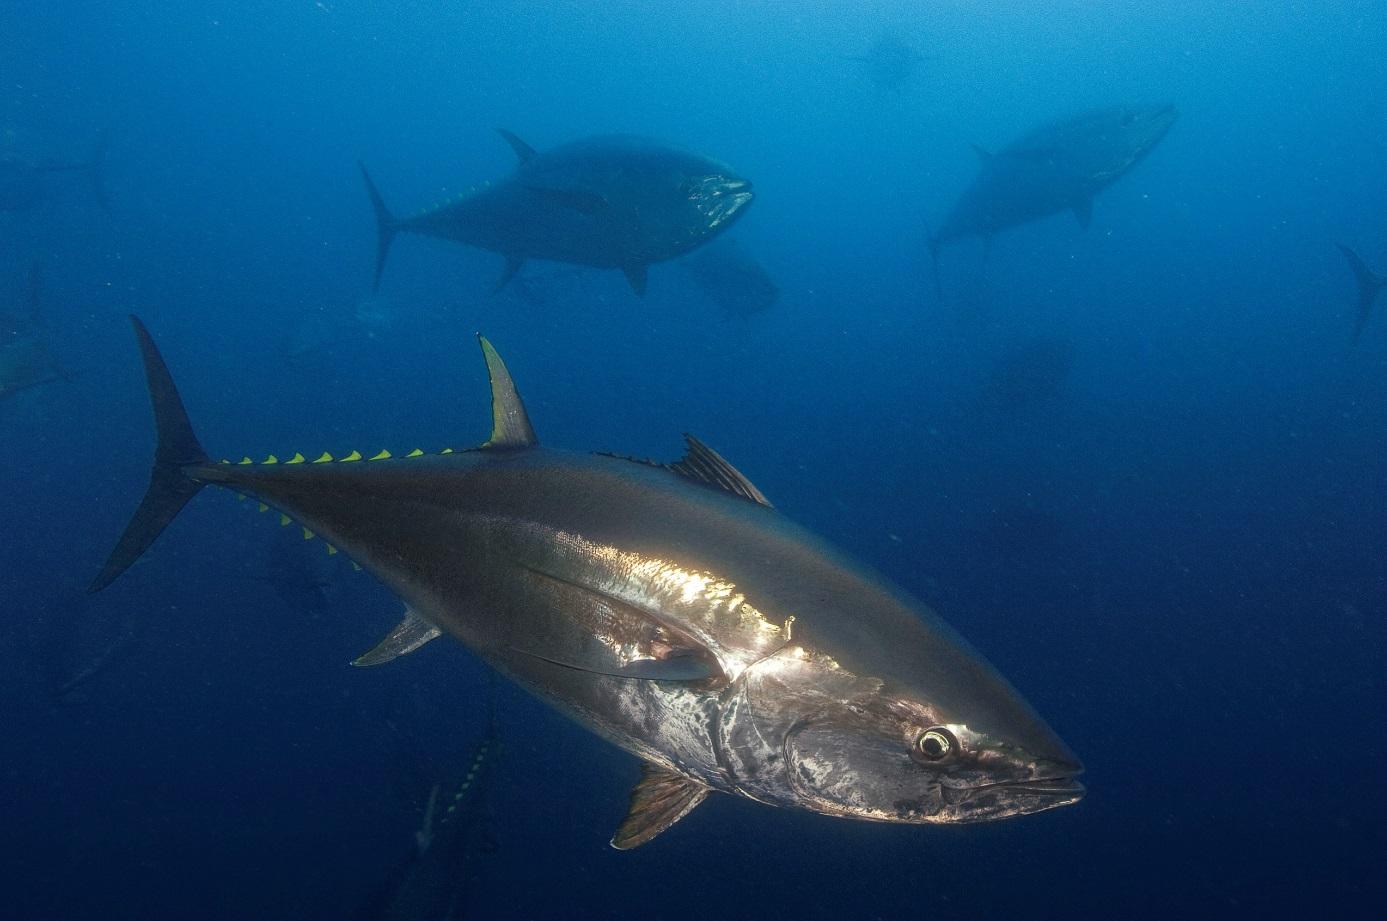 Makrellstørje, havets Ferrari, er verdens største tunfiskart og designet for fart og spenning. Foto: Brian J. Kerry.